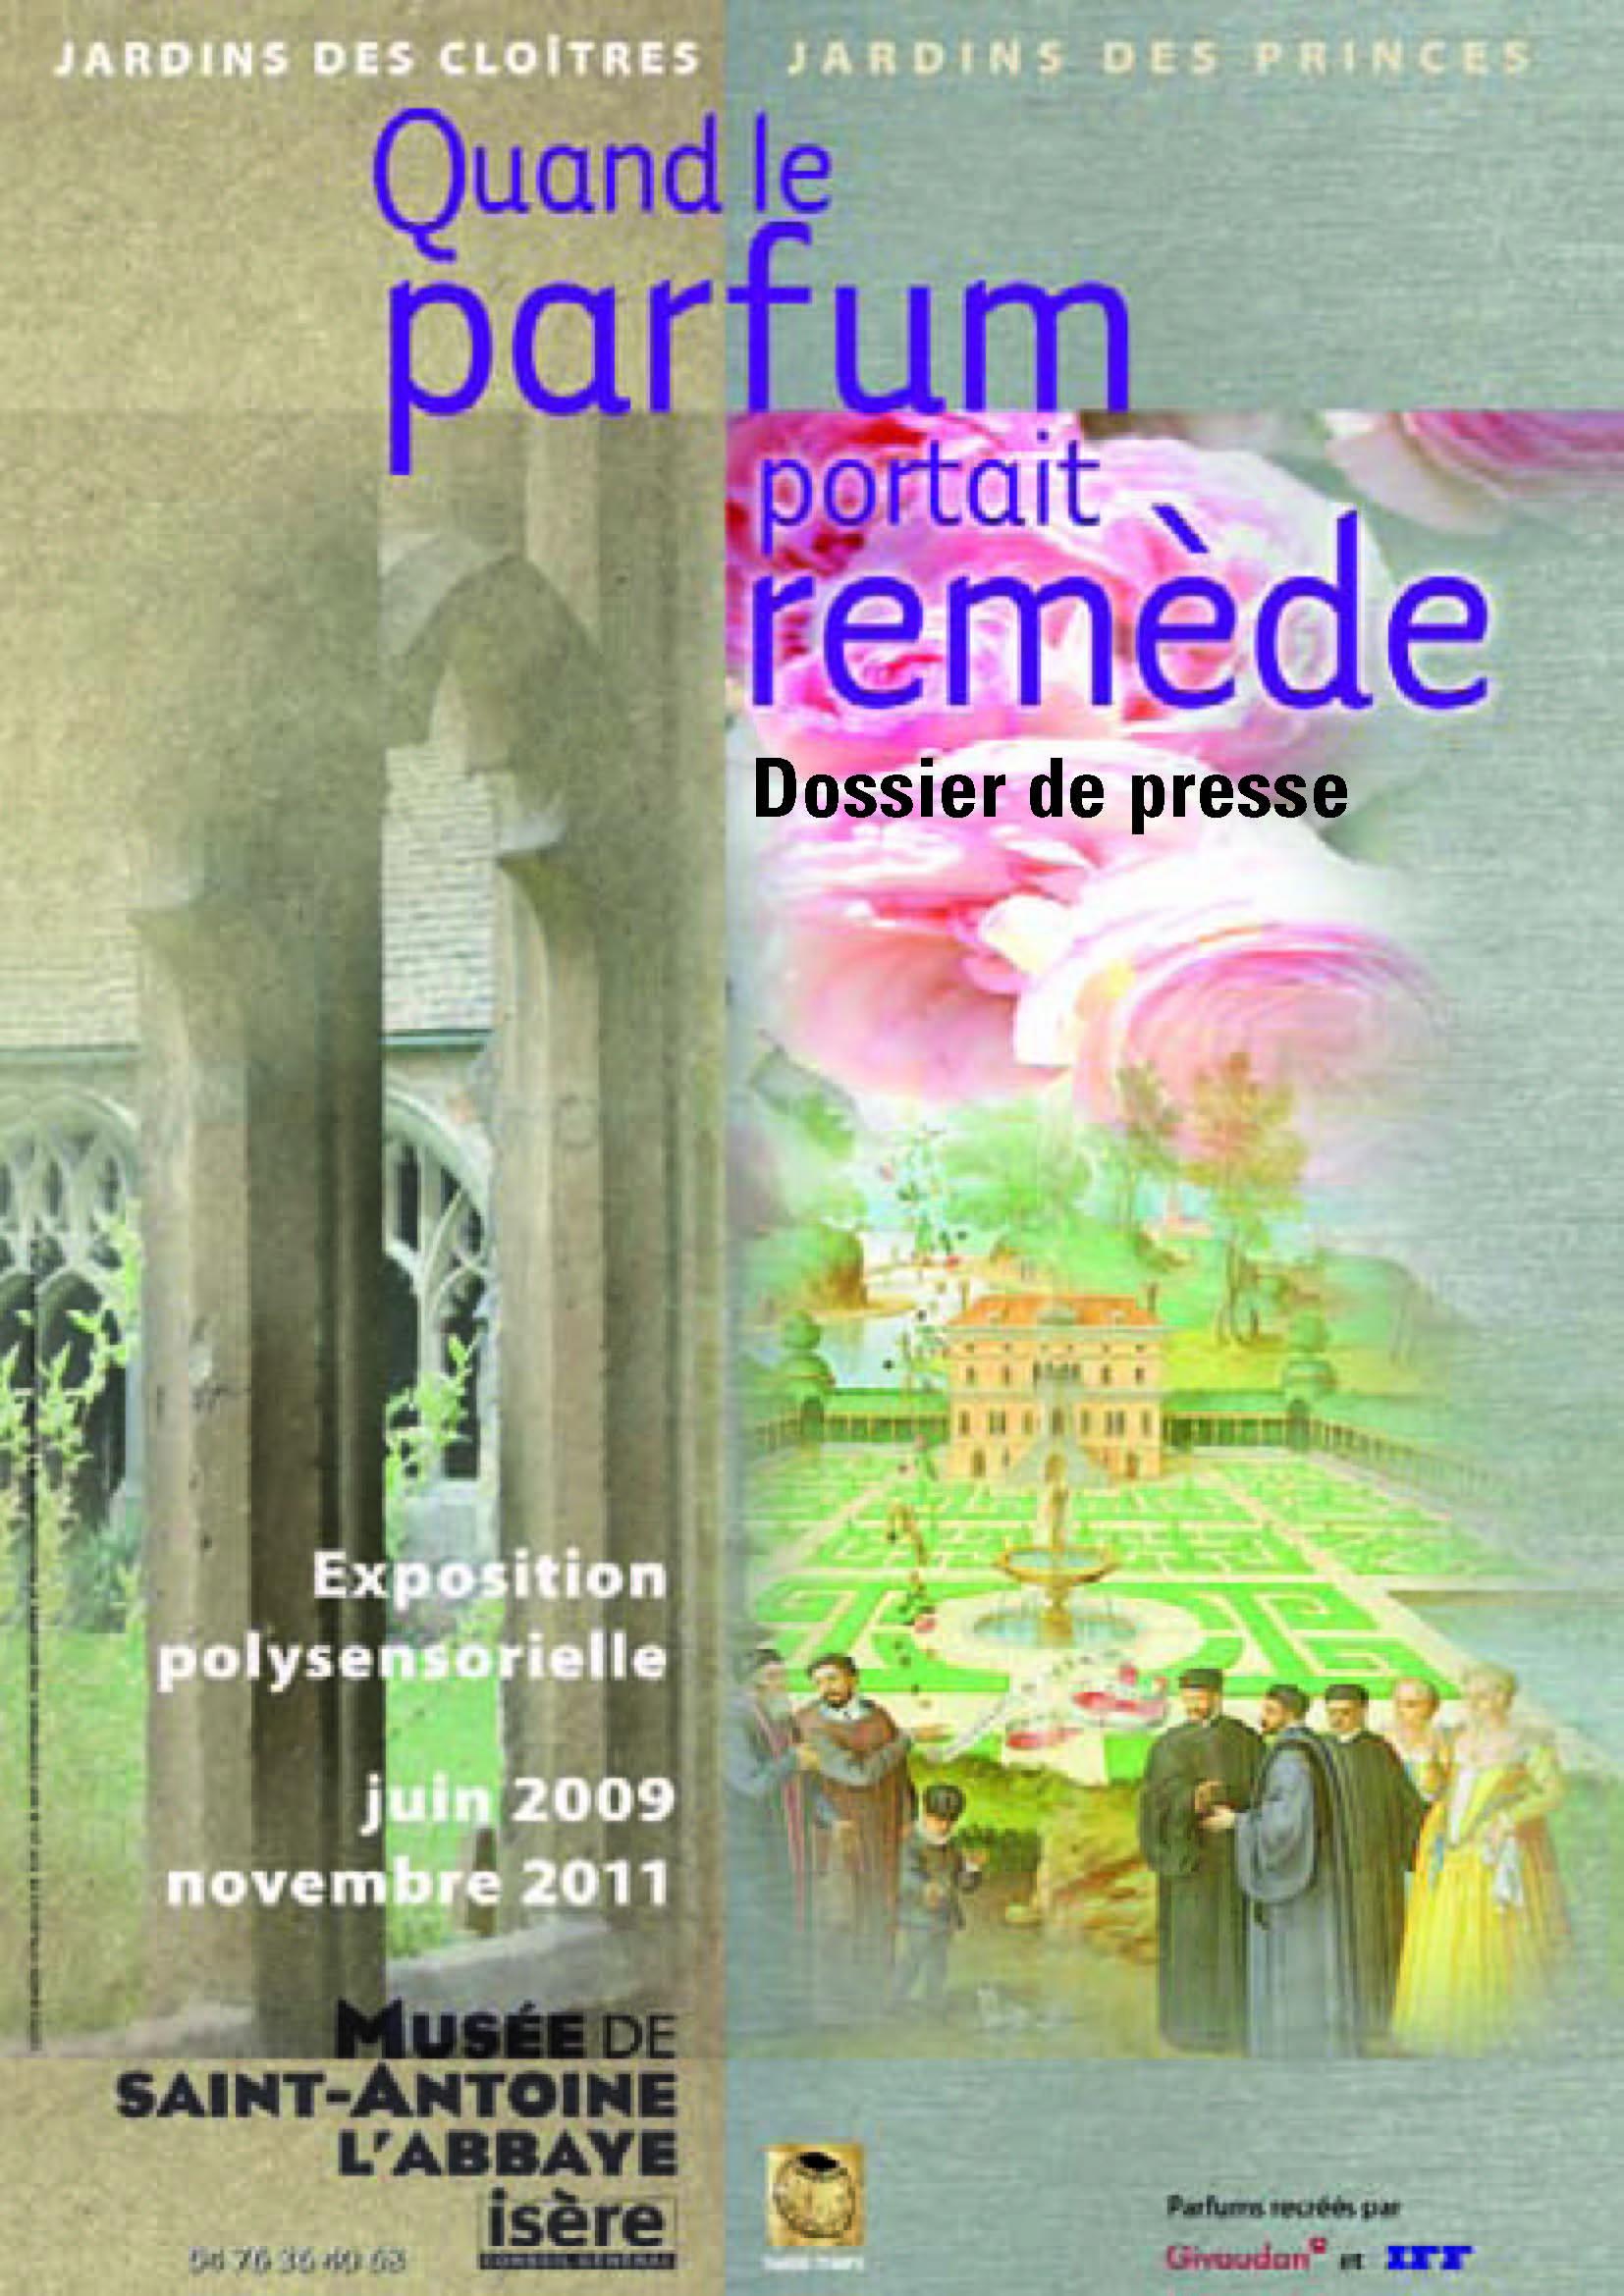 Visuel de l'exposition Parfum